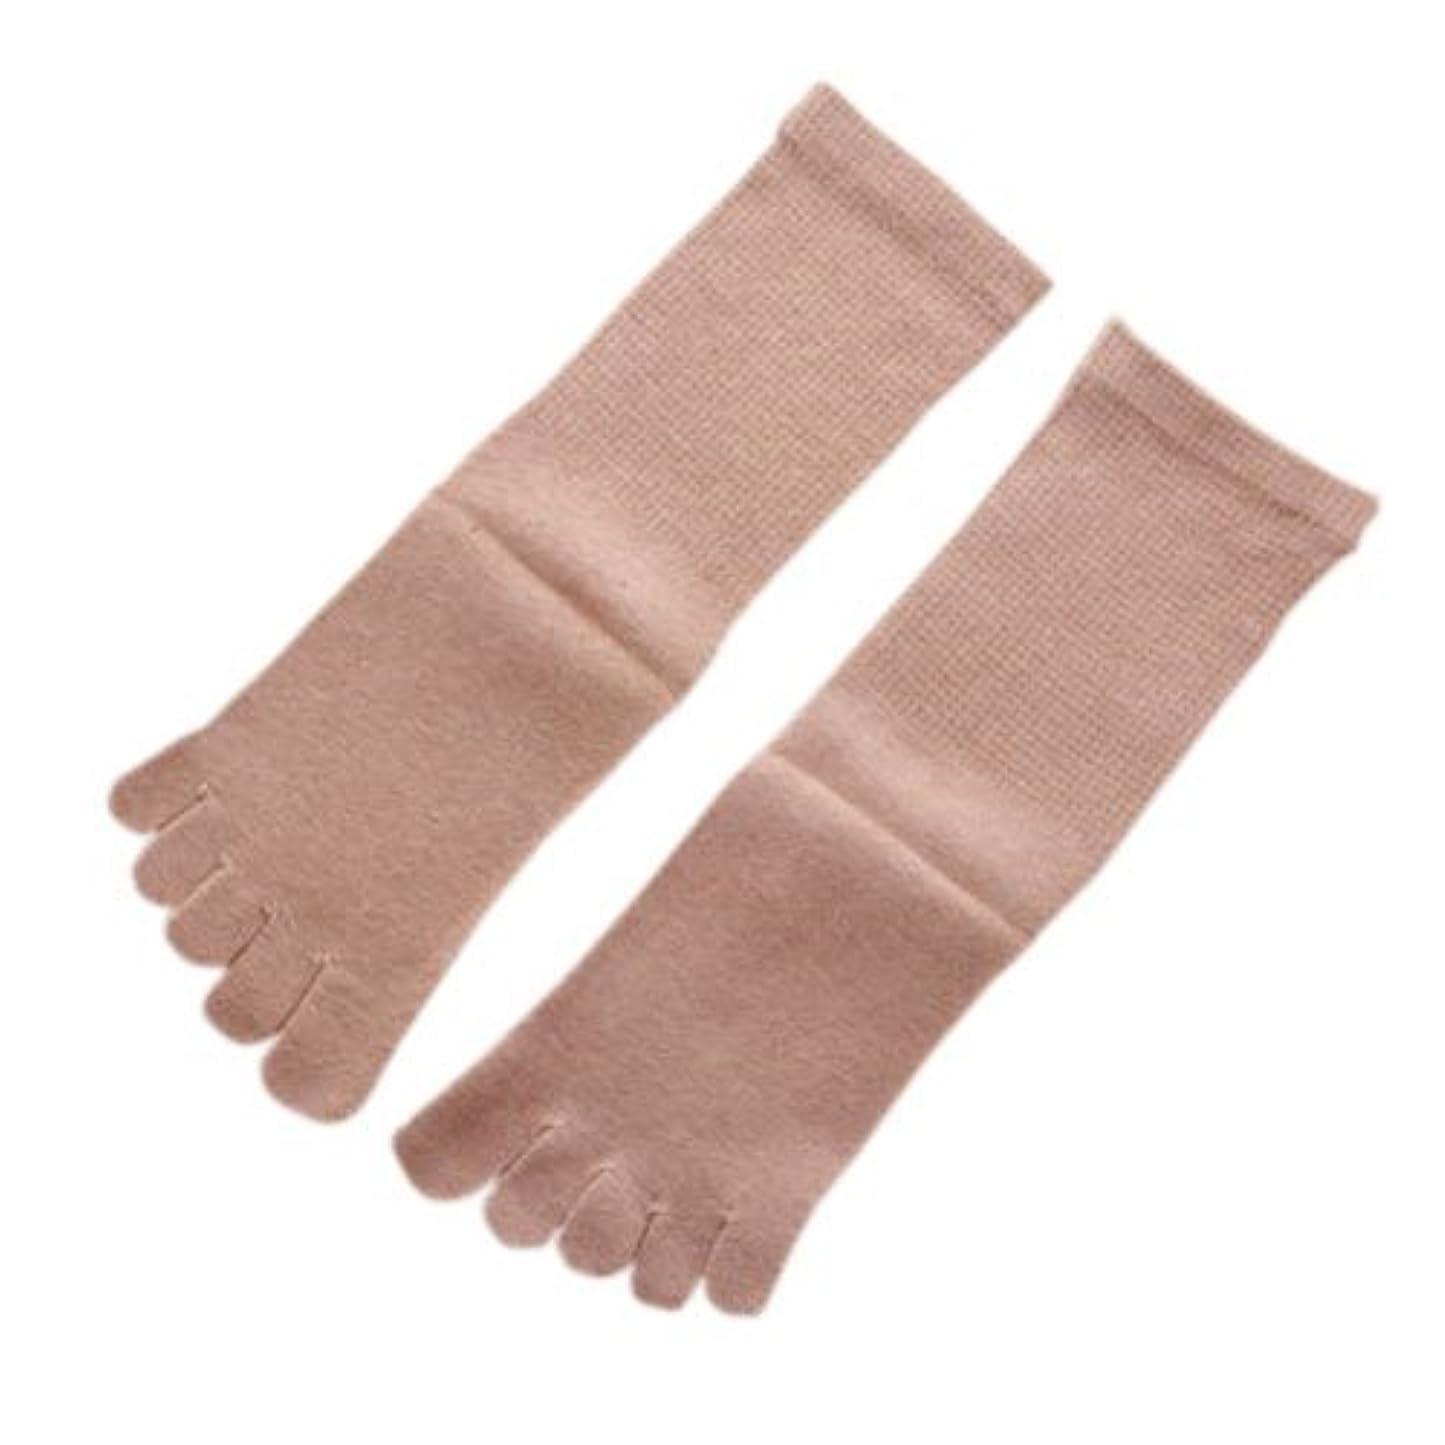 ソース配分時々オーガニックコットン 五本指ソックスシルク混L(25-27cm) ブラウン:履くだけで足のつぼをマッサージし、むくみや疲れを軽減します。